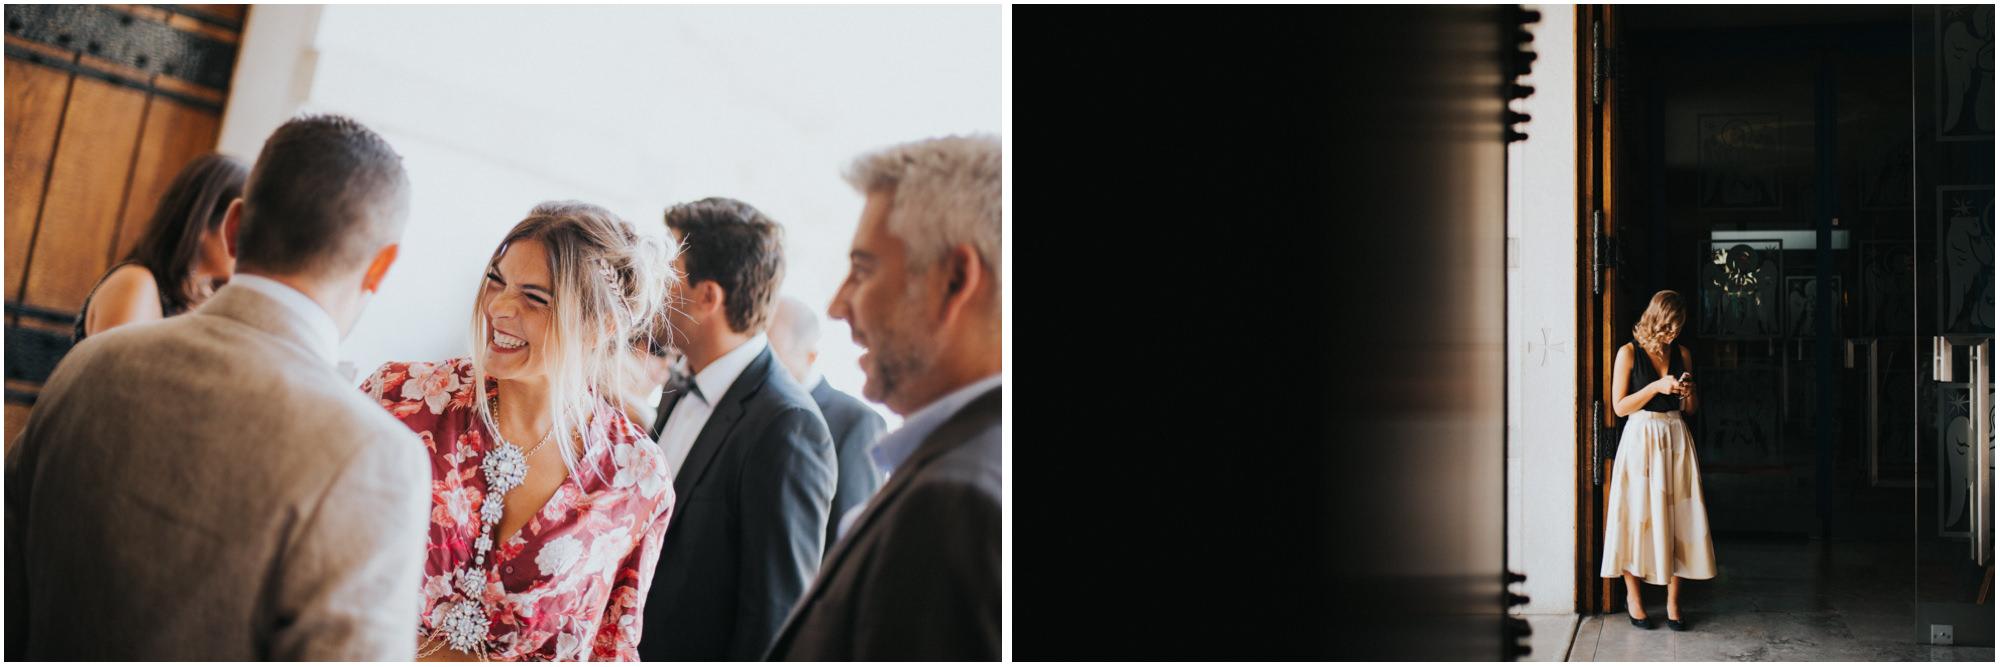 Filipe Santiago Fotografia-fotografo-malveira-lisboa-cascais-mafra-melhores-reportagem-wedding-photography-portugal-lisbon-best-natural-casamentos-lifestyle-bride-ideias-rustic-boho-hair-mackup-damas-preparativos-preparations-bridemaids-dress-shoes-bouquet-groom-noivo-welcome